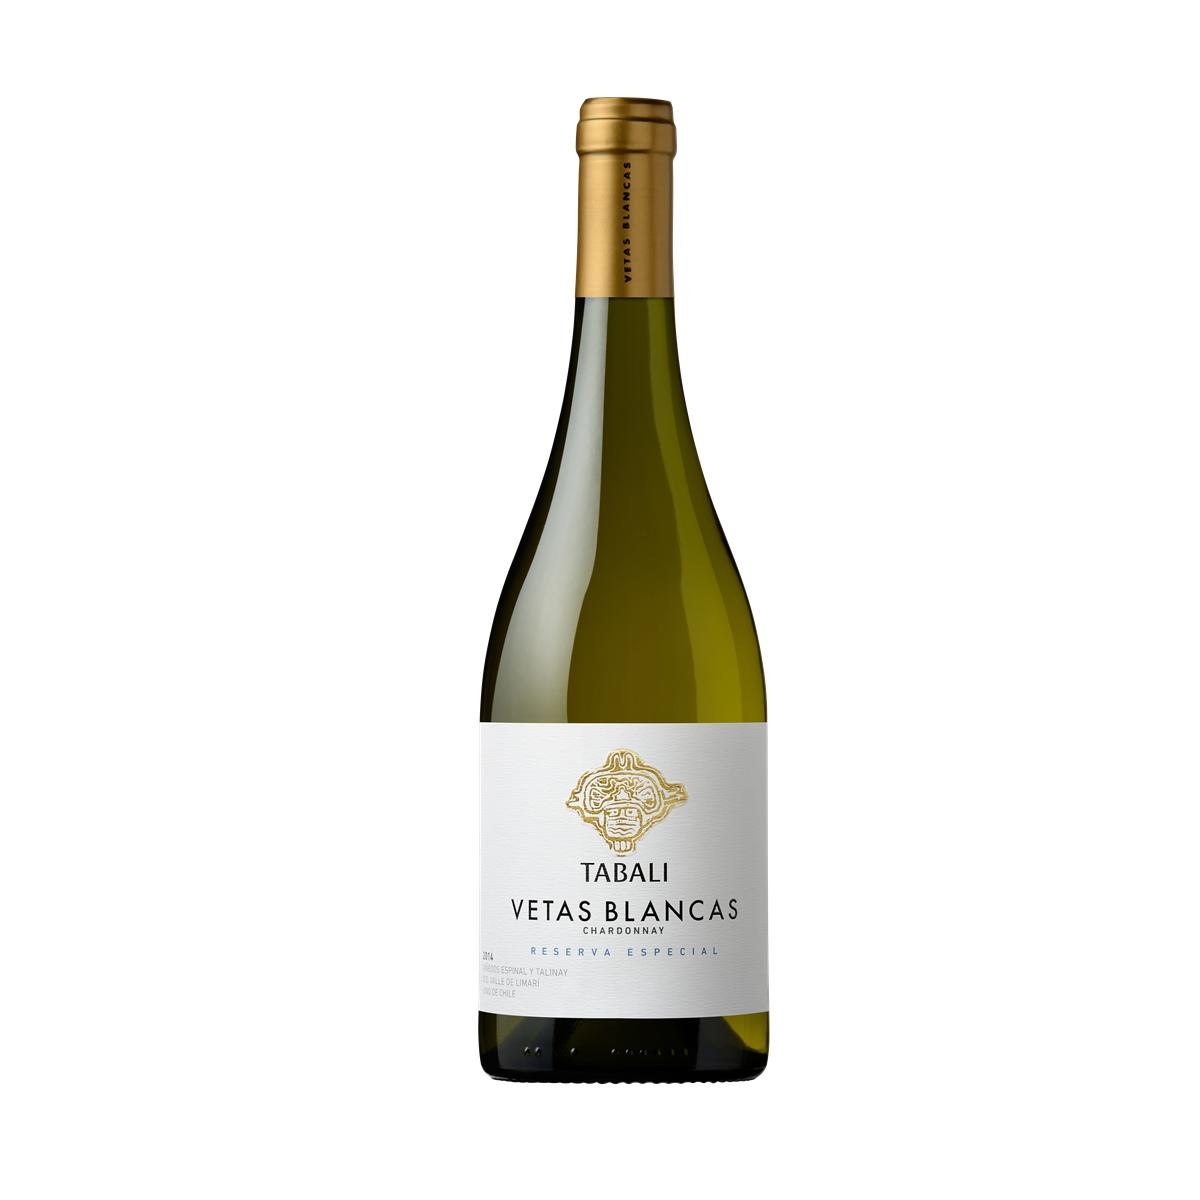 智利利马里谷达百利霞多丽特级珍藏干白葡萄酒